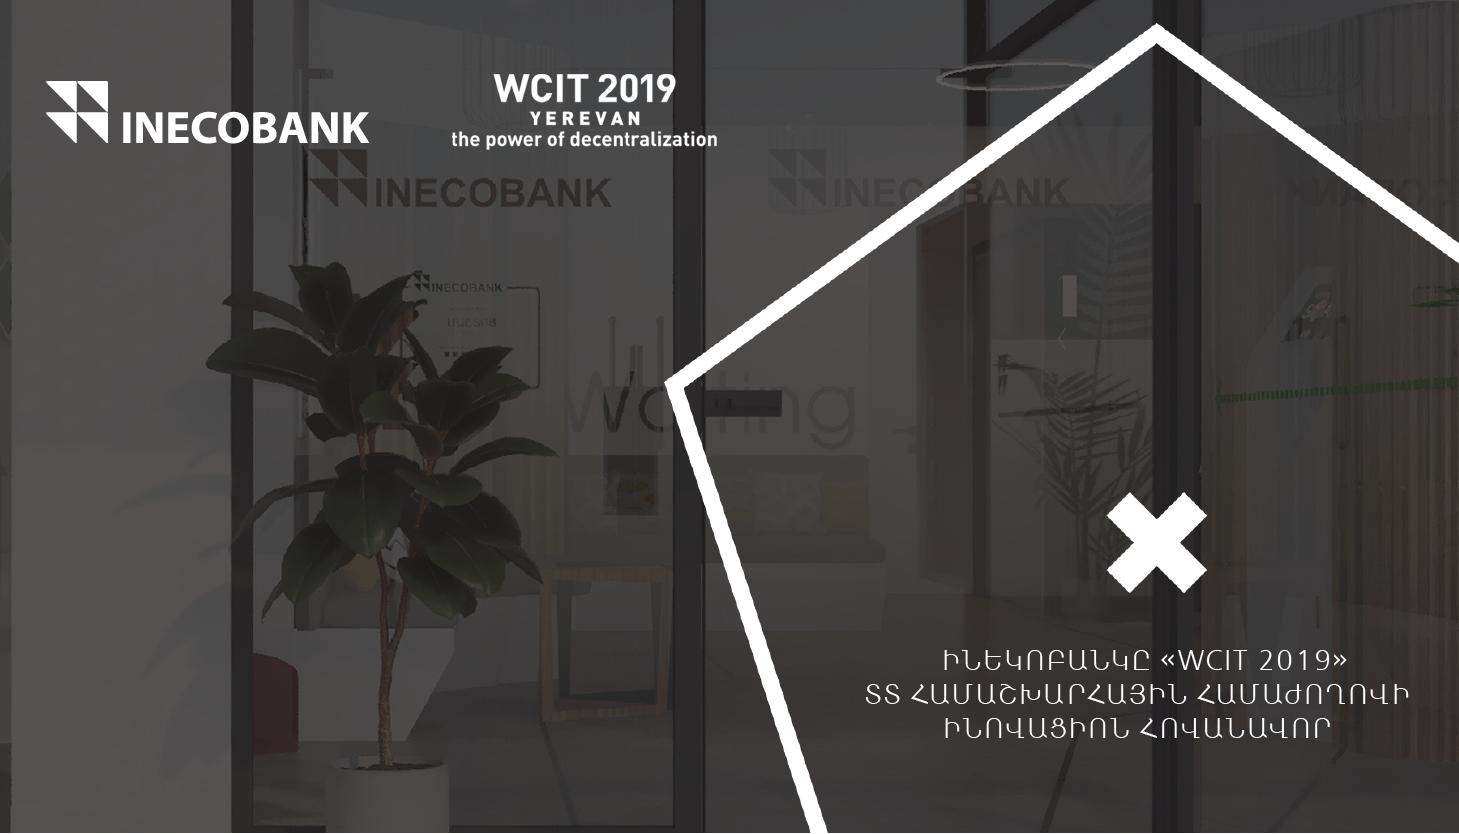 Ինեկոբանկը «WCIT 2019» ՏՏ համաշխարհային համաժողովի ինովացիոն հովանավոր